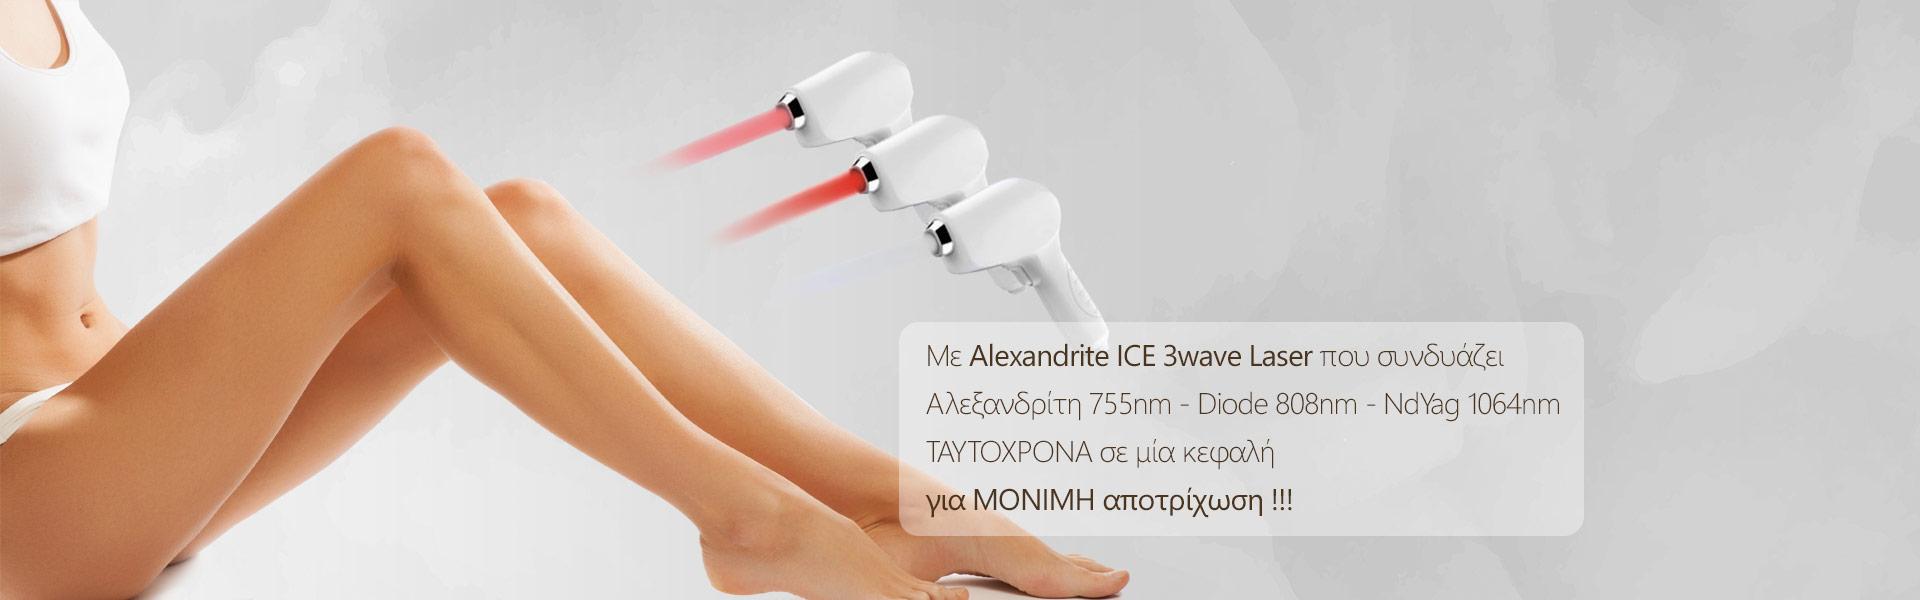 Αlexandrite ICE 3wave Laser ΜΟΝΙΜΗ αποτρίχωση